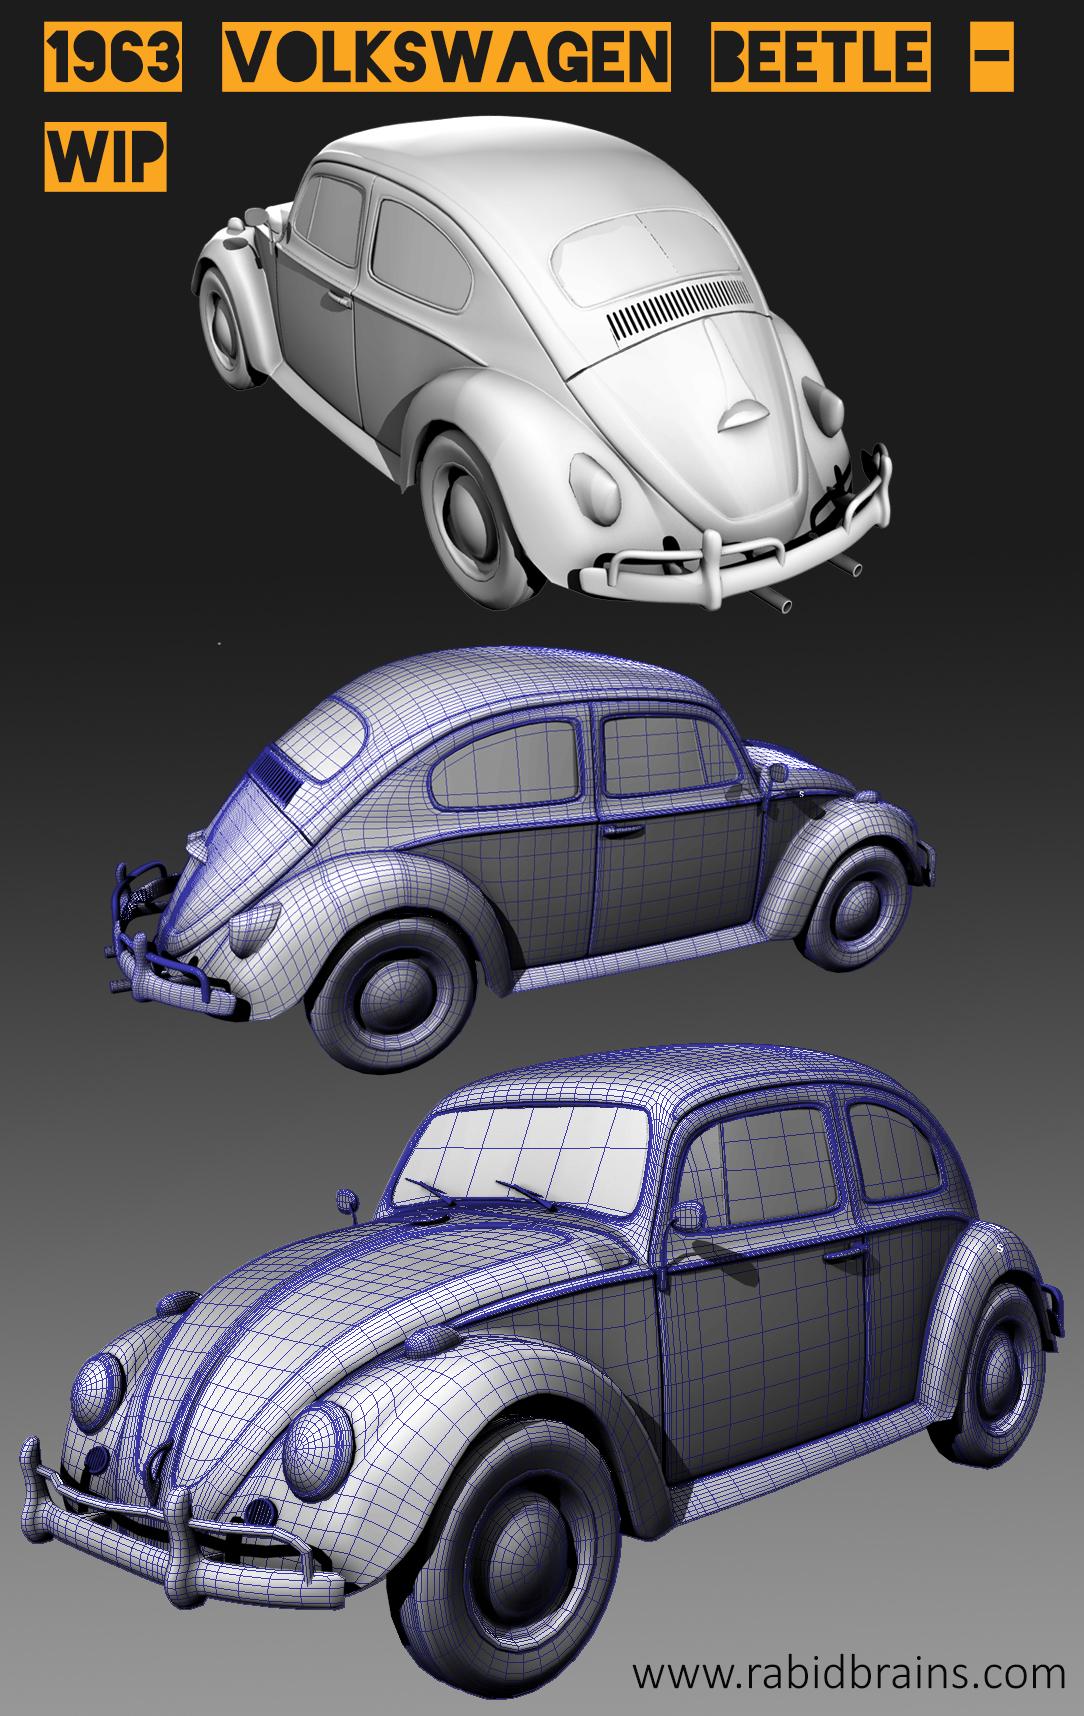 VW Beetle wip